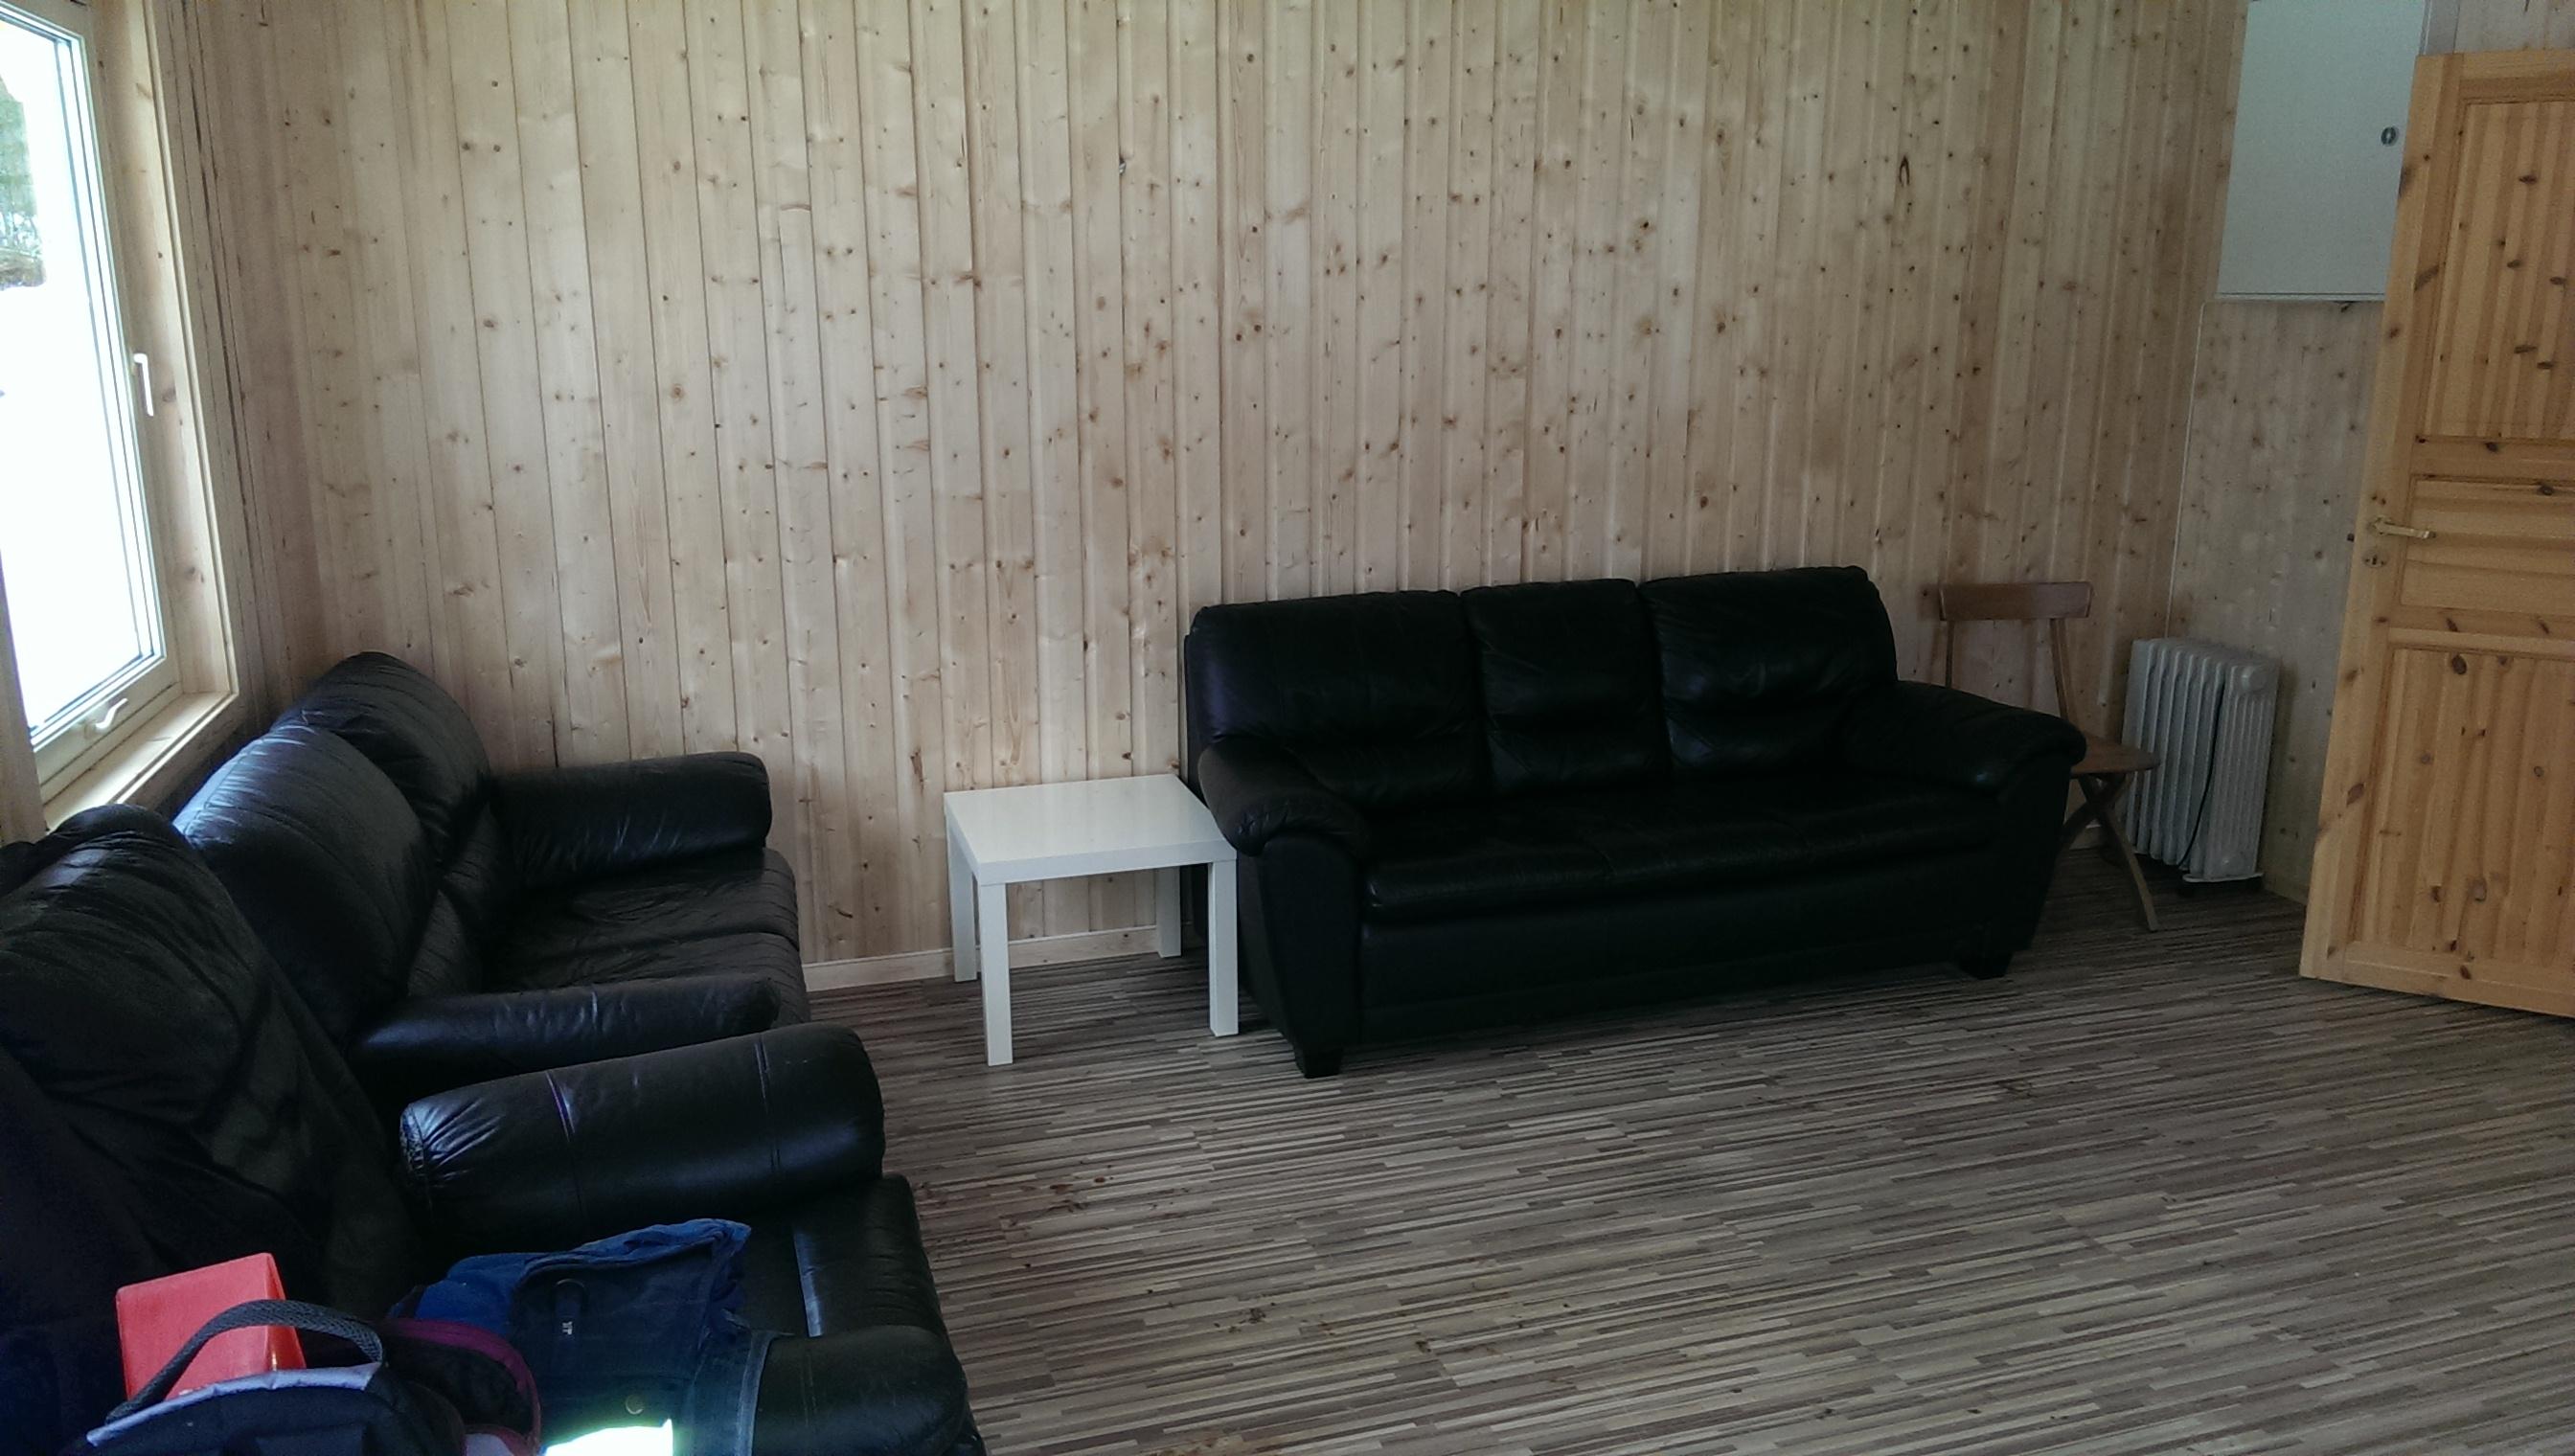 Sofa er satt inn midlertidig i kiosken, inntil bord og stoler er på plass. Legg merke til parkettgulvet :-)